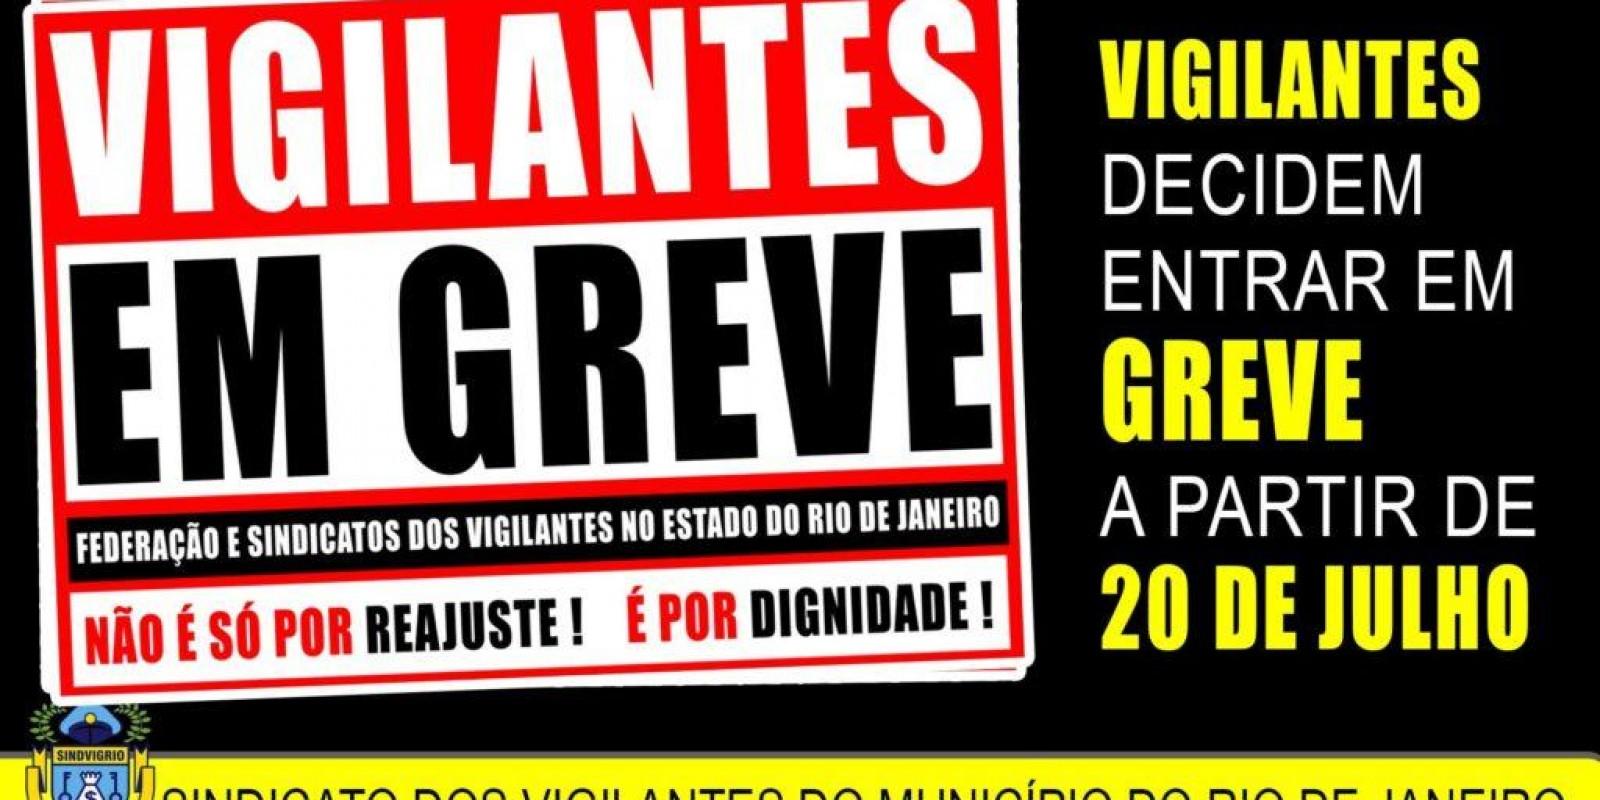 VIGILANTES DECIDEM ENTRAR EM GREVE A PARTIR DE 20 DE JULHO